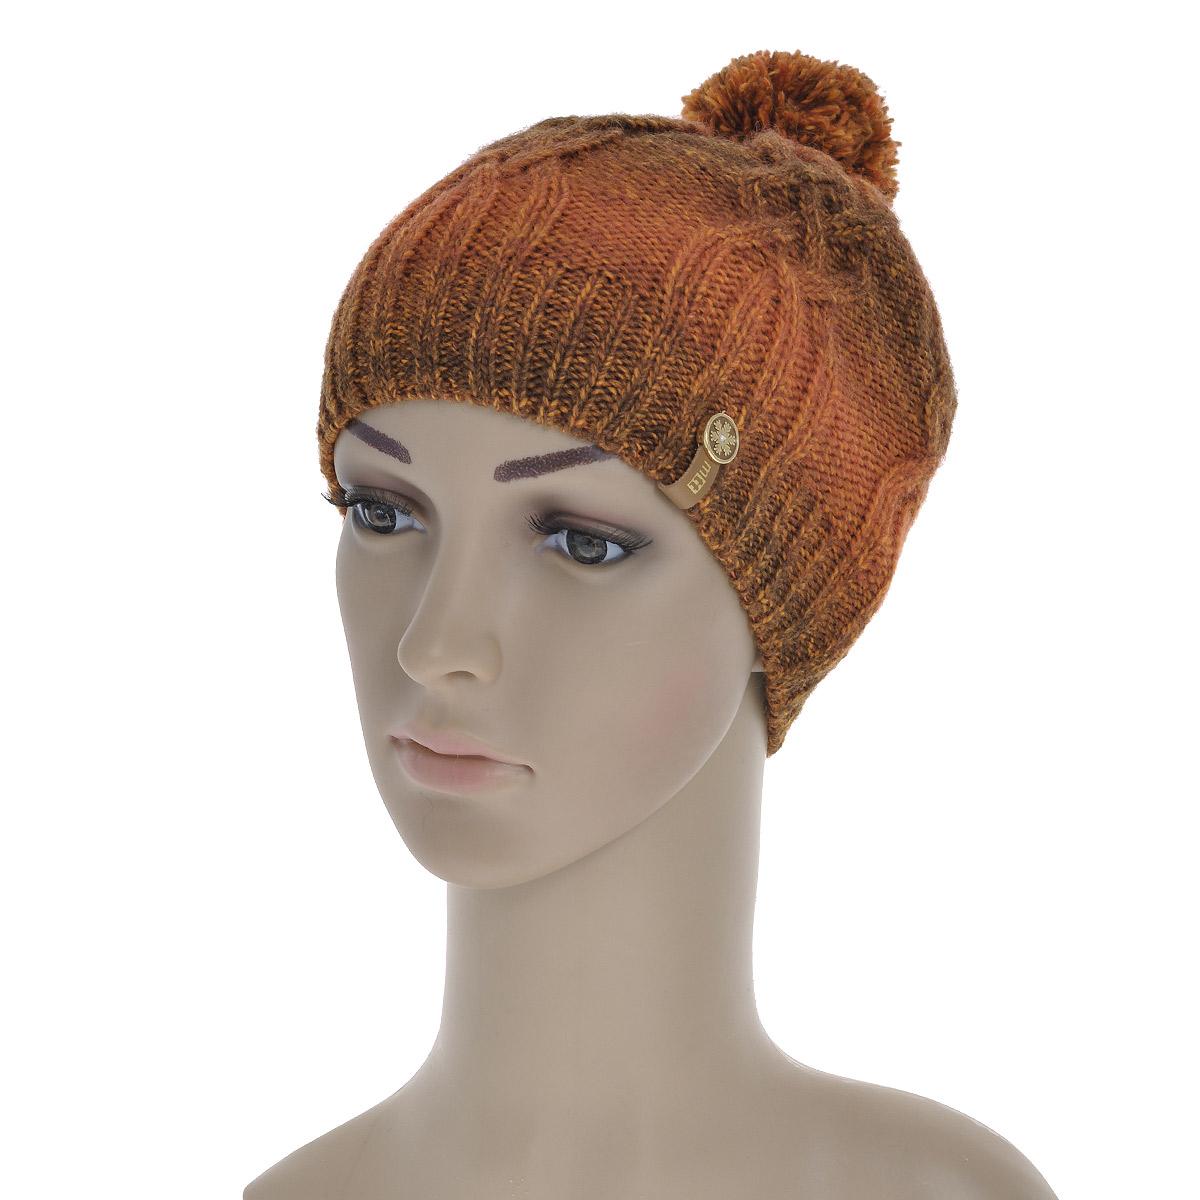 4418/1Вязаная шапка Marhatter выполнена из шерсти и акрила, подкладка - из мягкого флиса. Шапка превосходно сохраняет тепло, мягкая и идеально прилегает к голове. Шапка, связанная узором в виде кос, на макушке оформлена очаровательным помпоном.